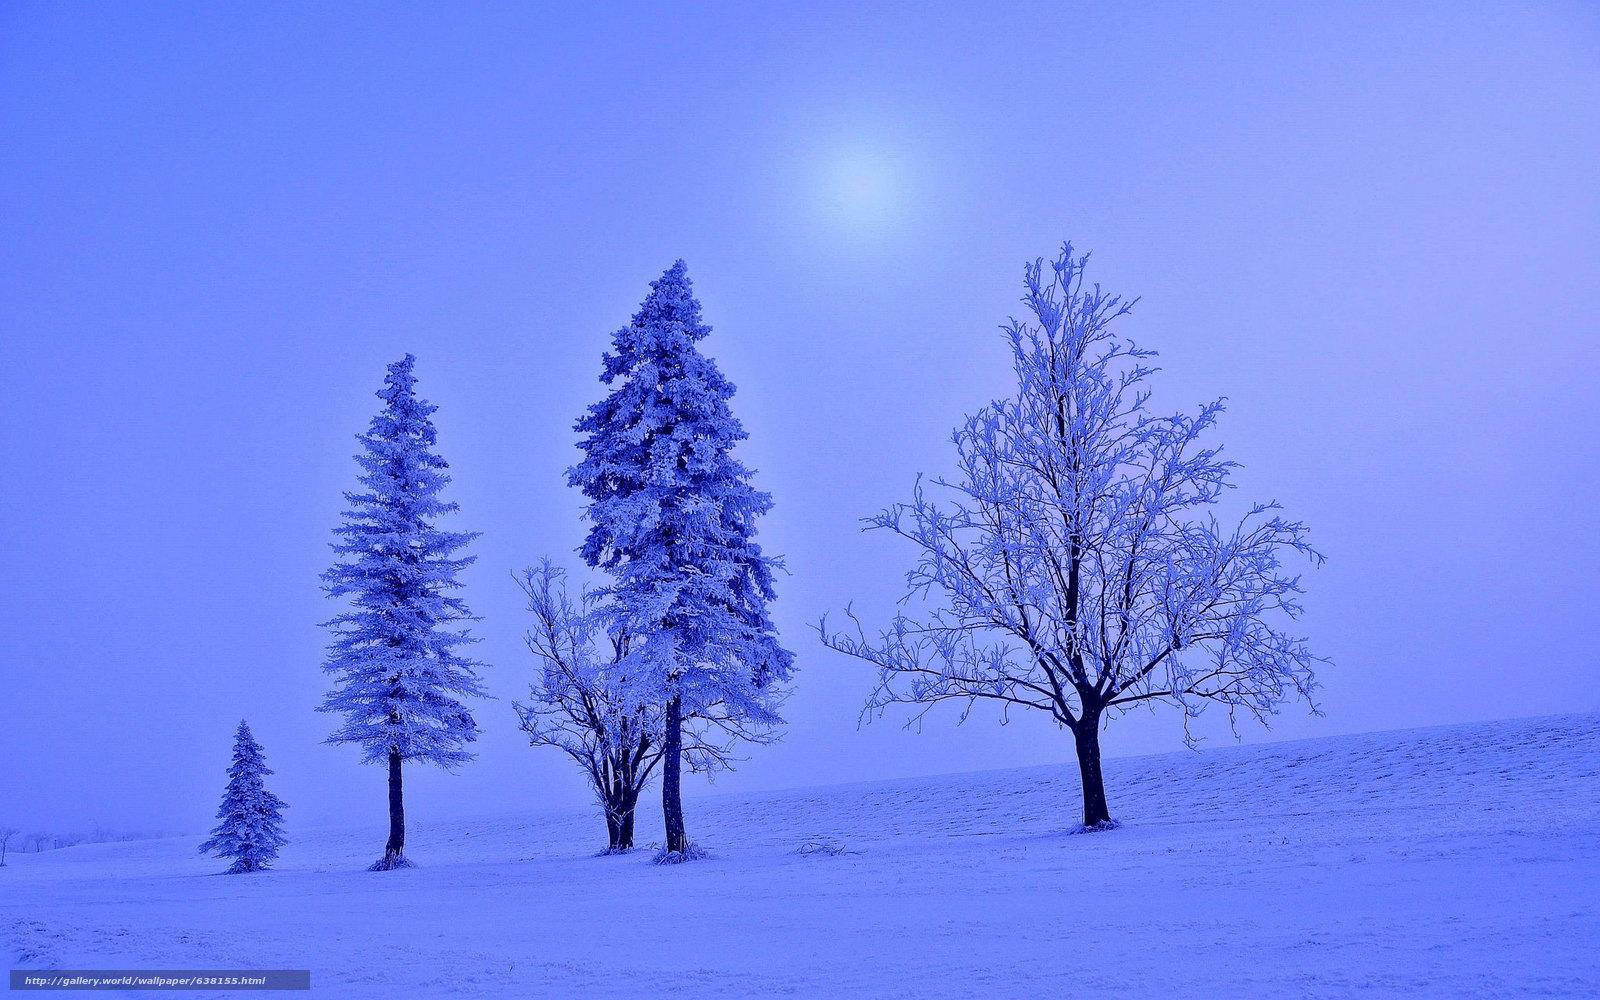 Скачать обои зима,  закат,  поле,  деревья бесплатно для рабочего стола в разрешении 2048x1280 — картинка №638155